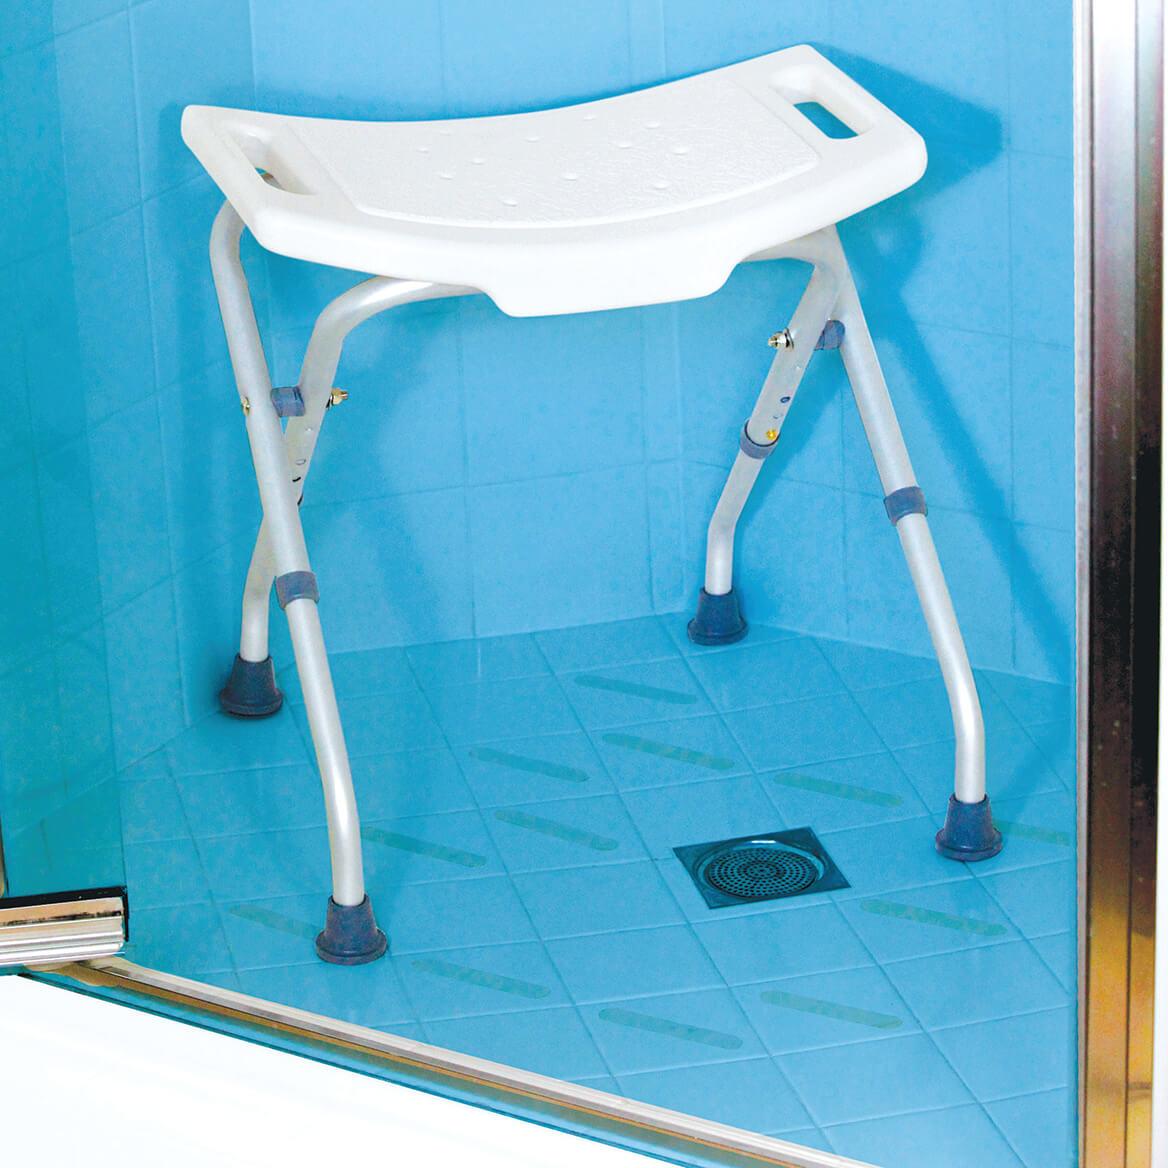 Folding Bath Bench                  XL-358606